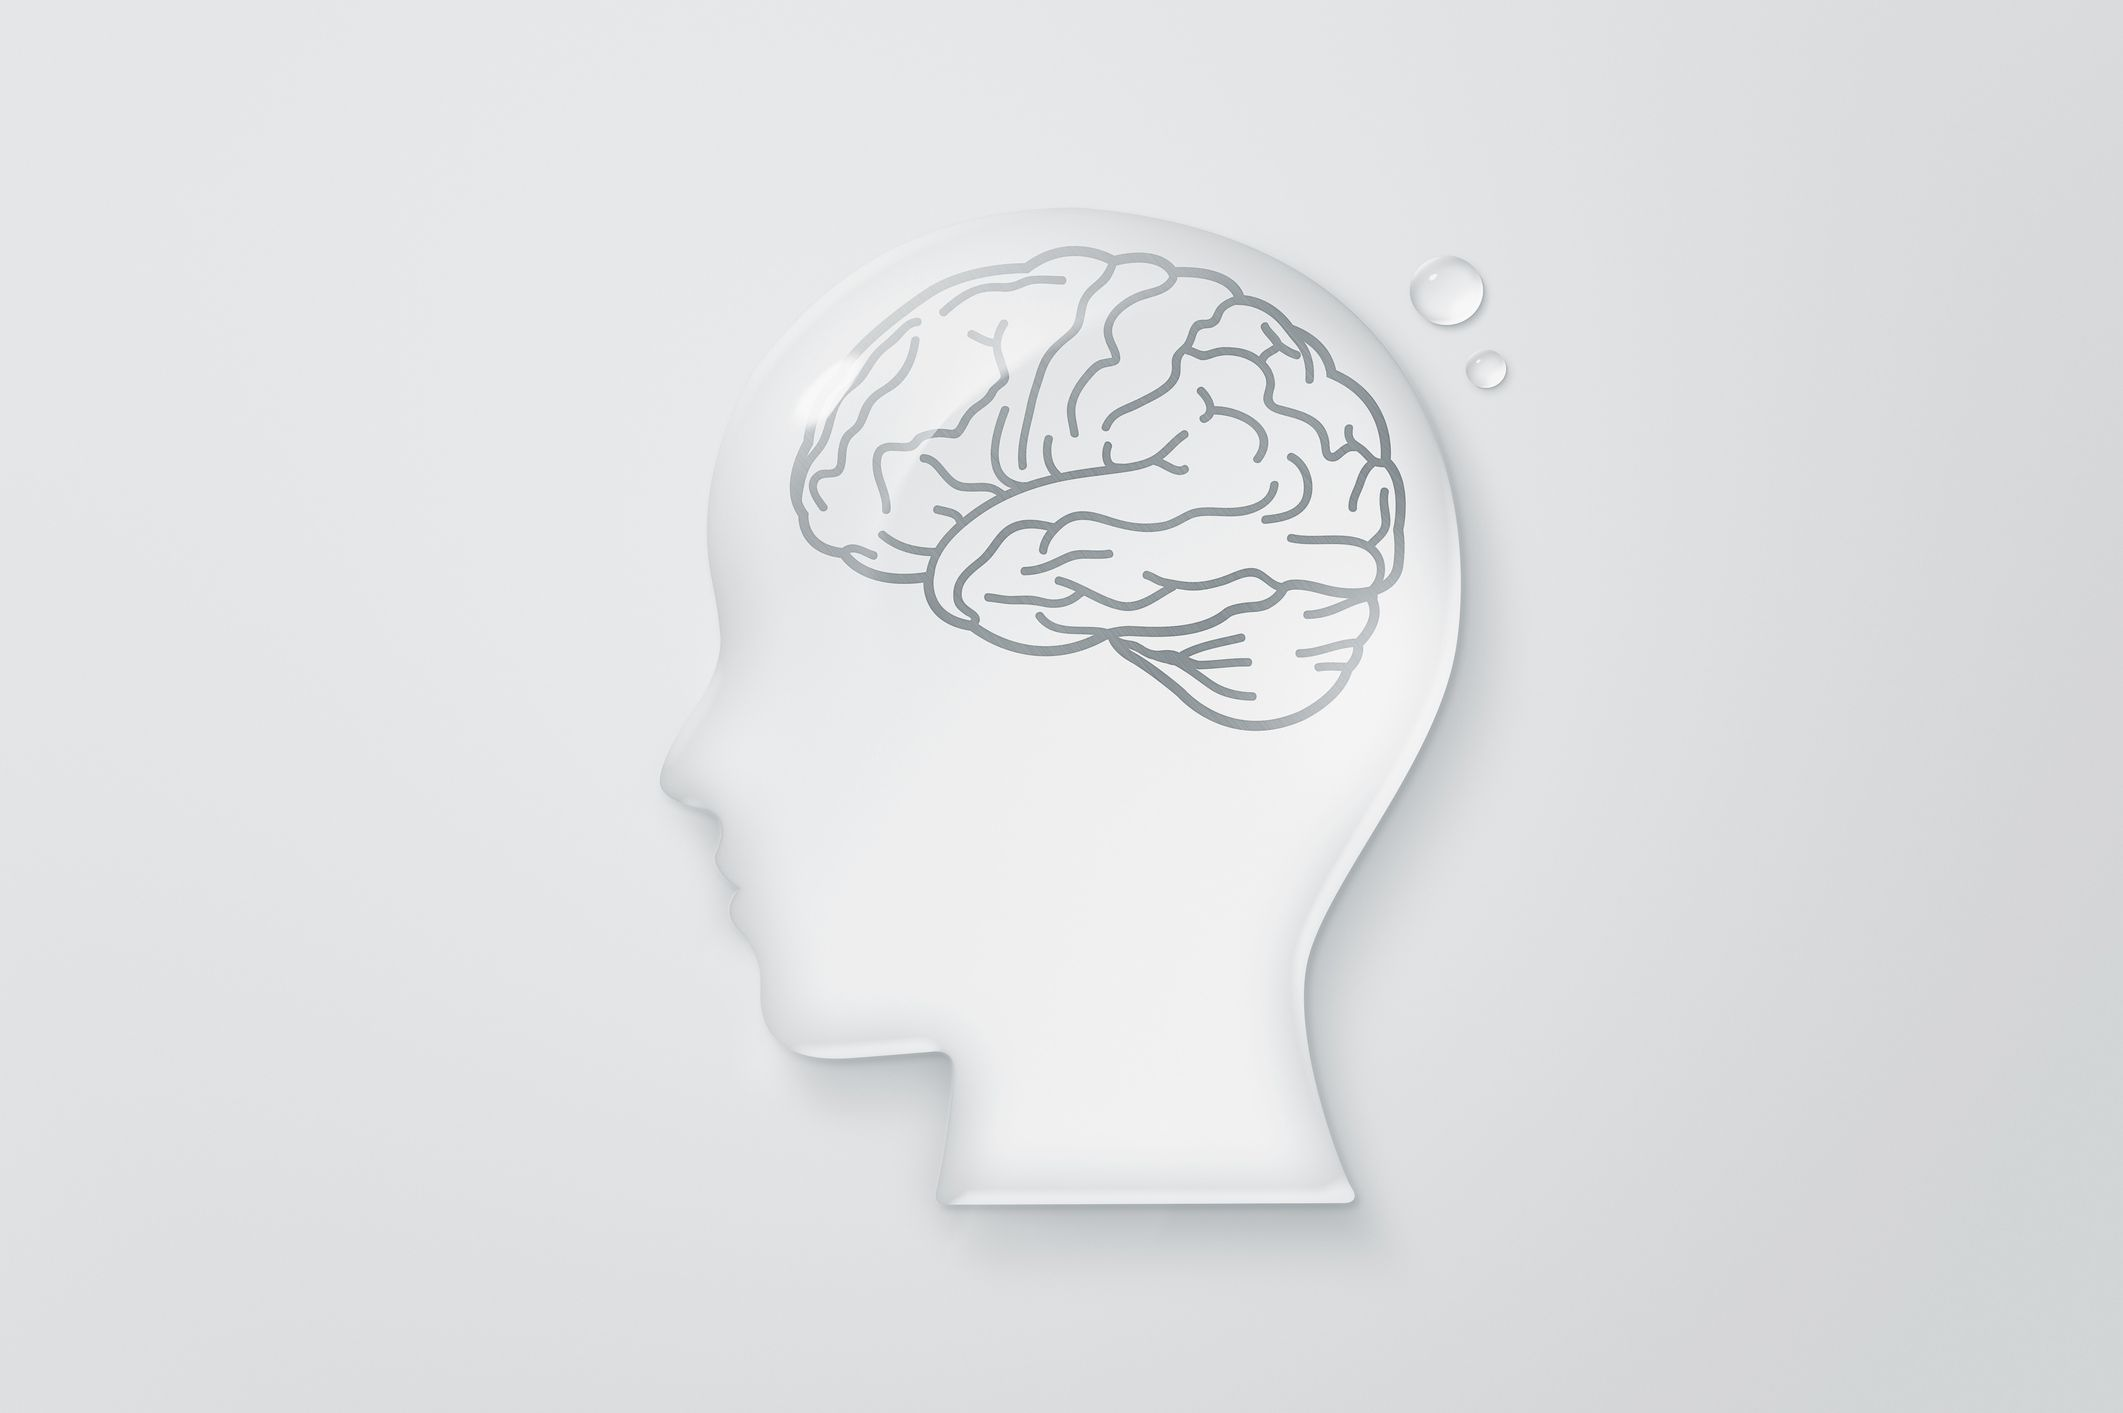 Cerebro humano, ilustración